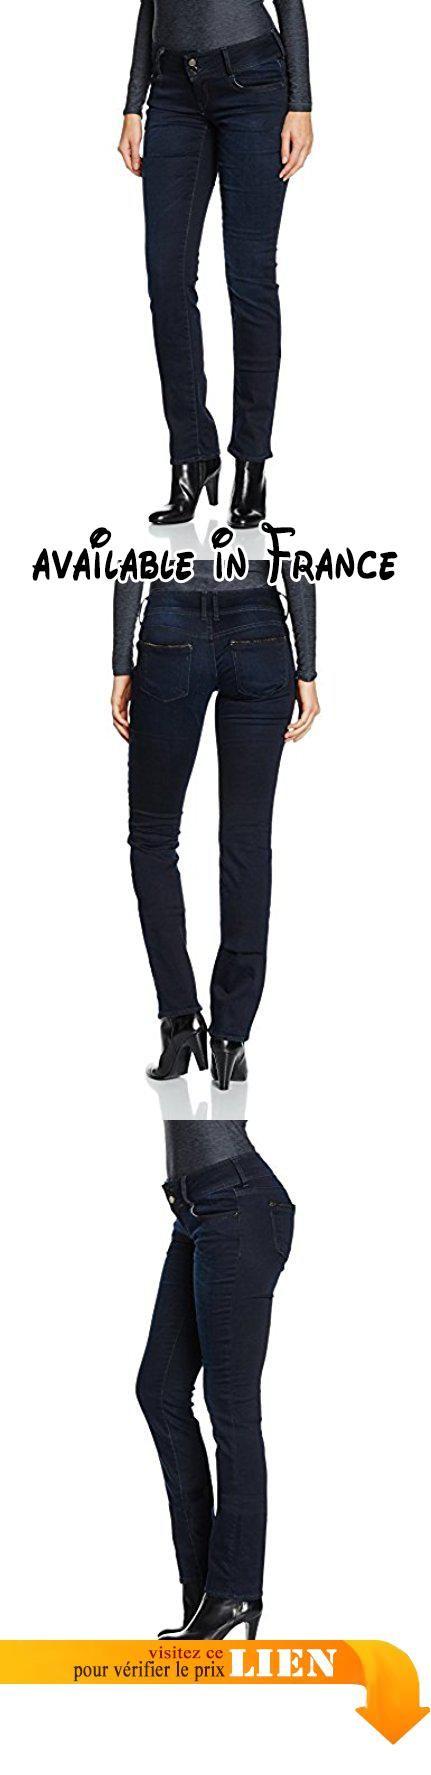 Le Temps des Cerises JF220HILLWS31, Jeans Femme, Bleu (Black/Blue), W24/L34 (Taille Fabricant: 24). Type de coupe:Bootcut #Apparel #PANTS